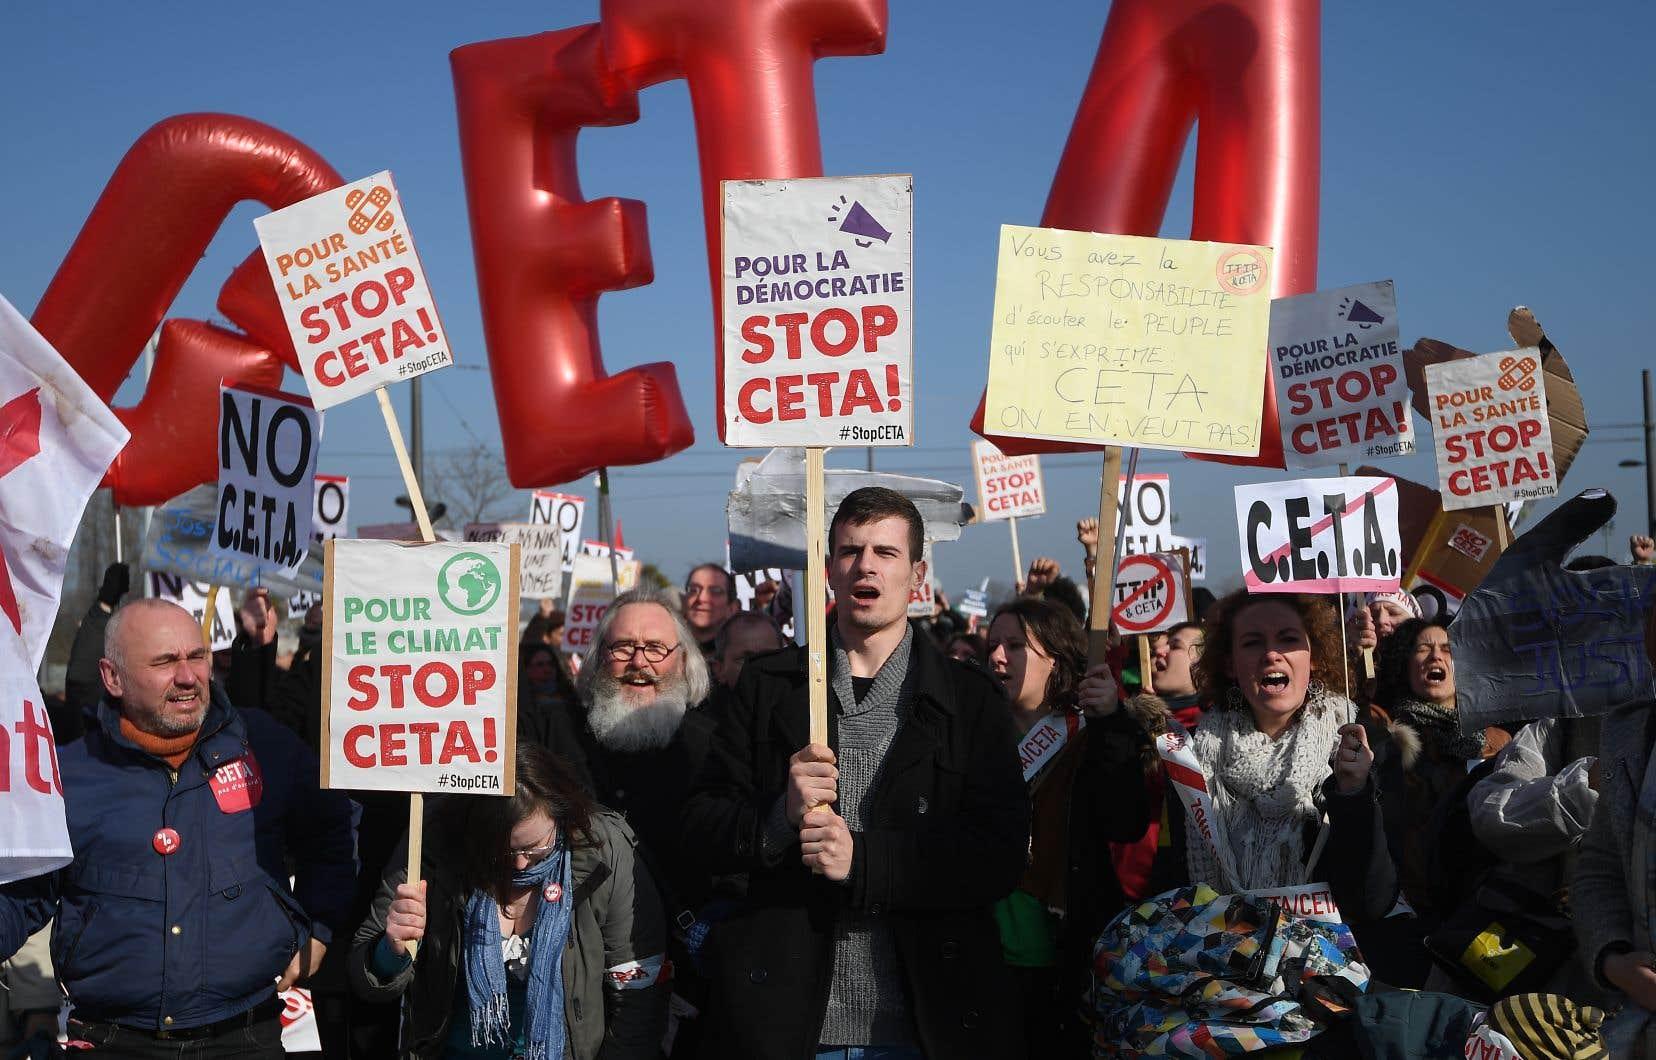 Manifestation contre l'AECG, en 2017. Largement décrié avant même son application, l'accord commercial reste pour ses opposants le symbole des affres de la mondialisation.